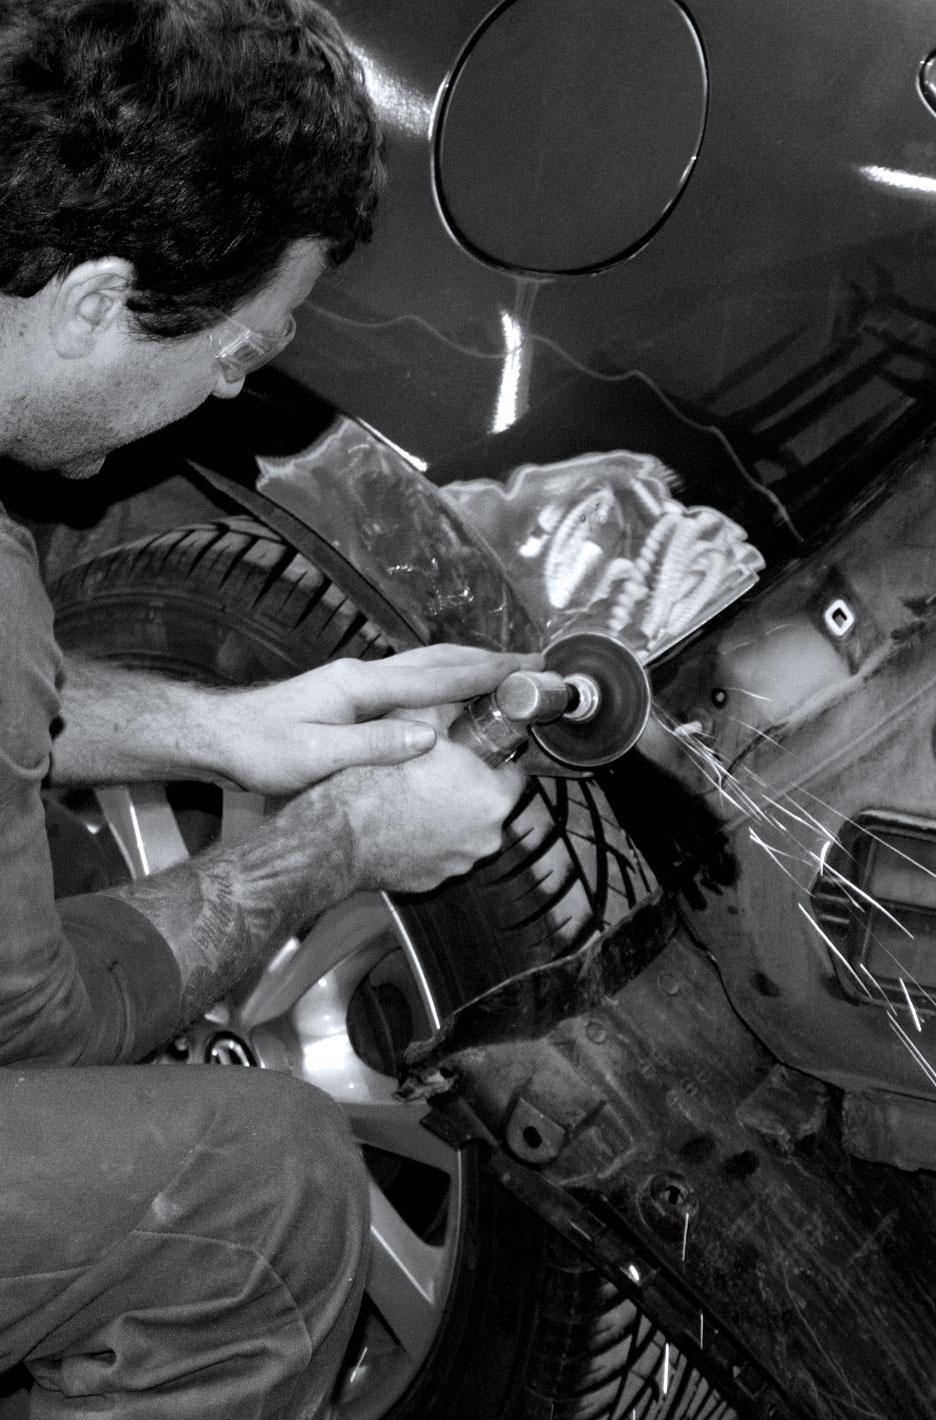 wisconsin-auto-collision-repair